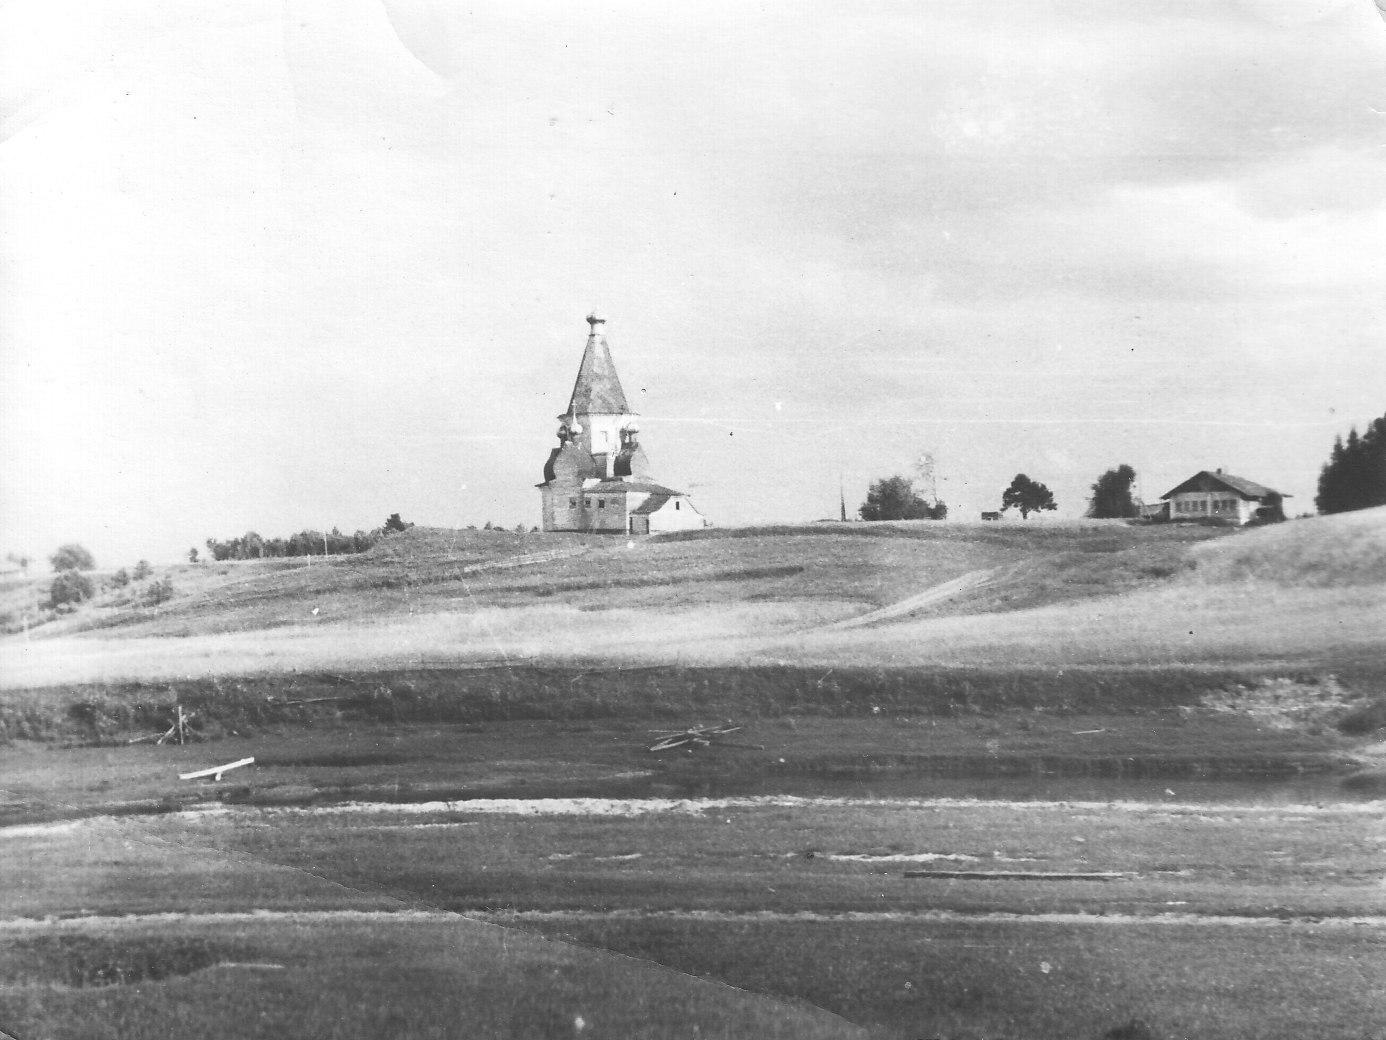 Окрестности Шенкурска. Успенская церковь на погосте Суланда